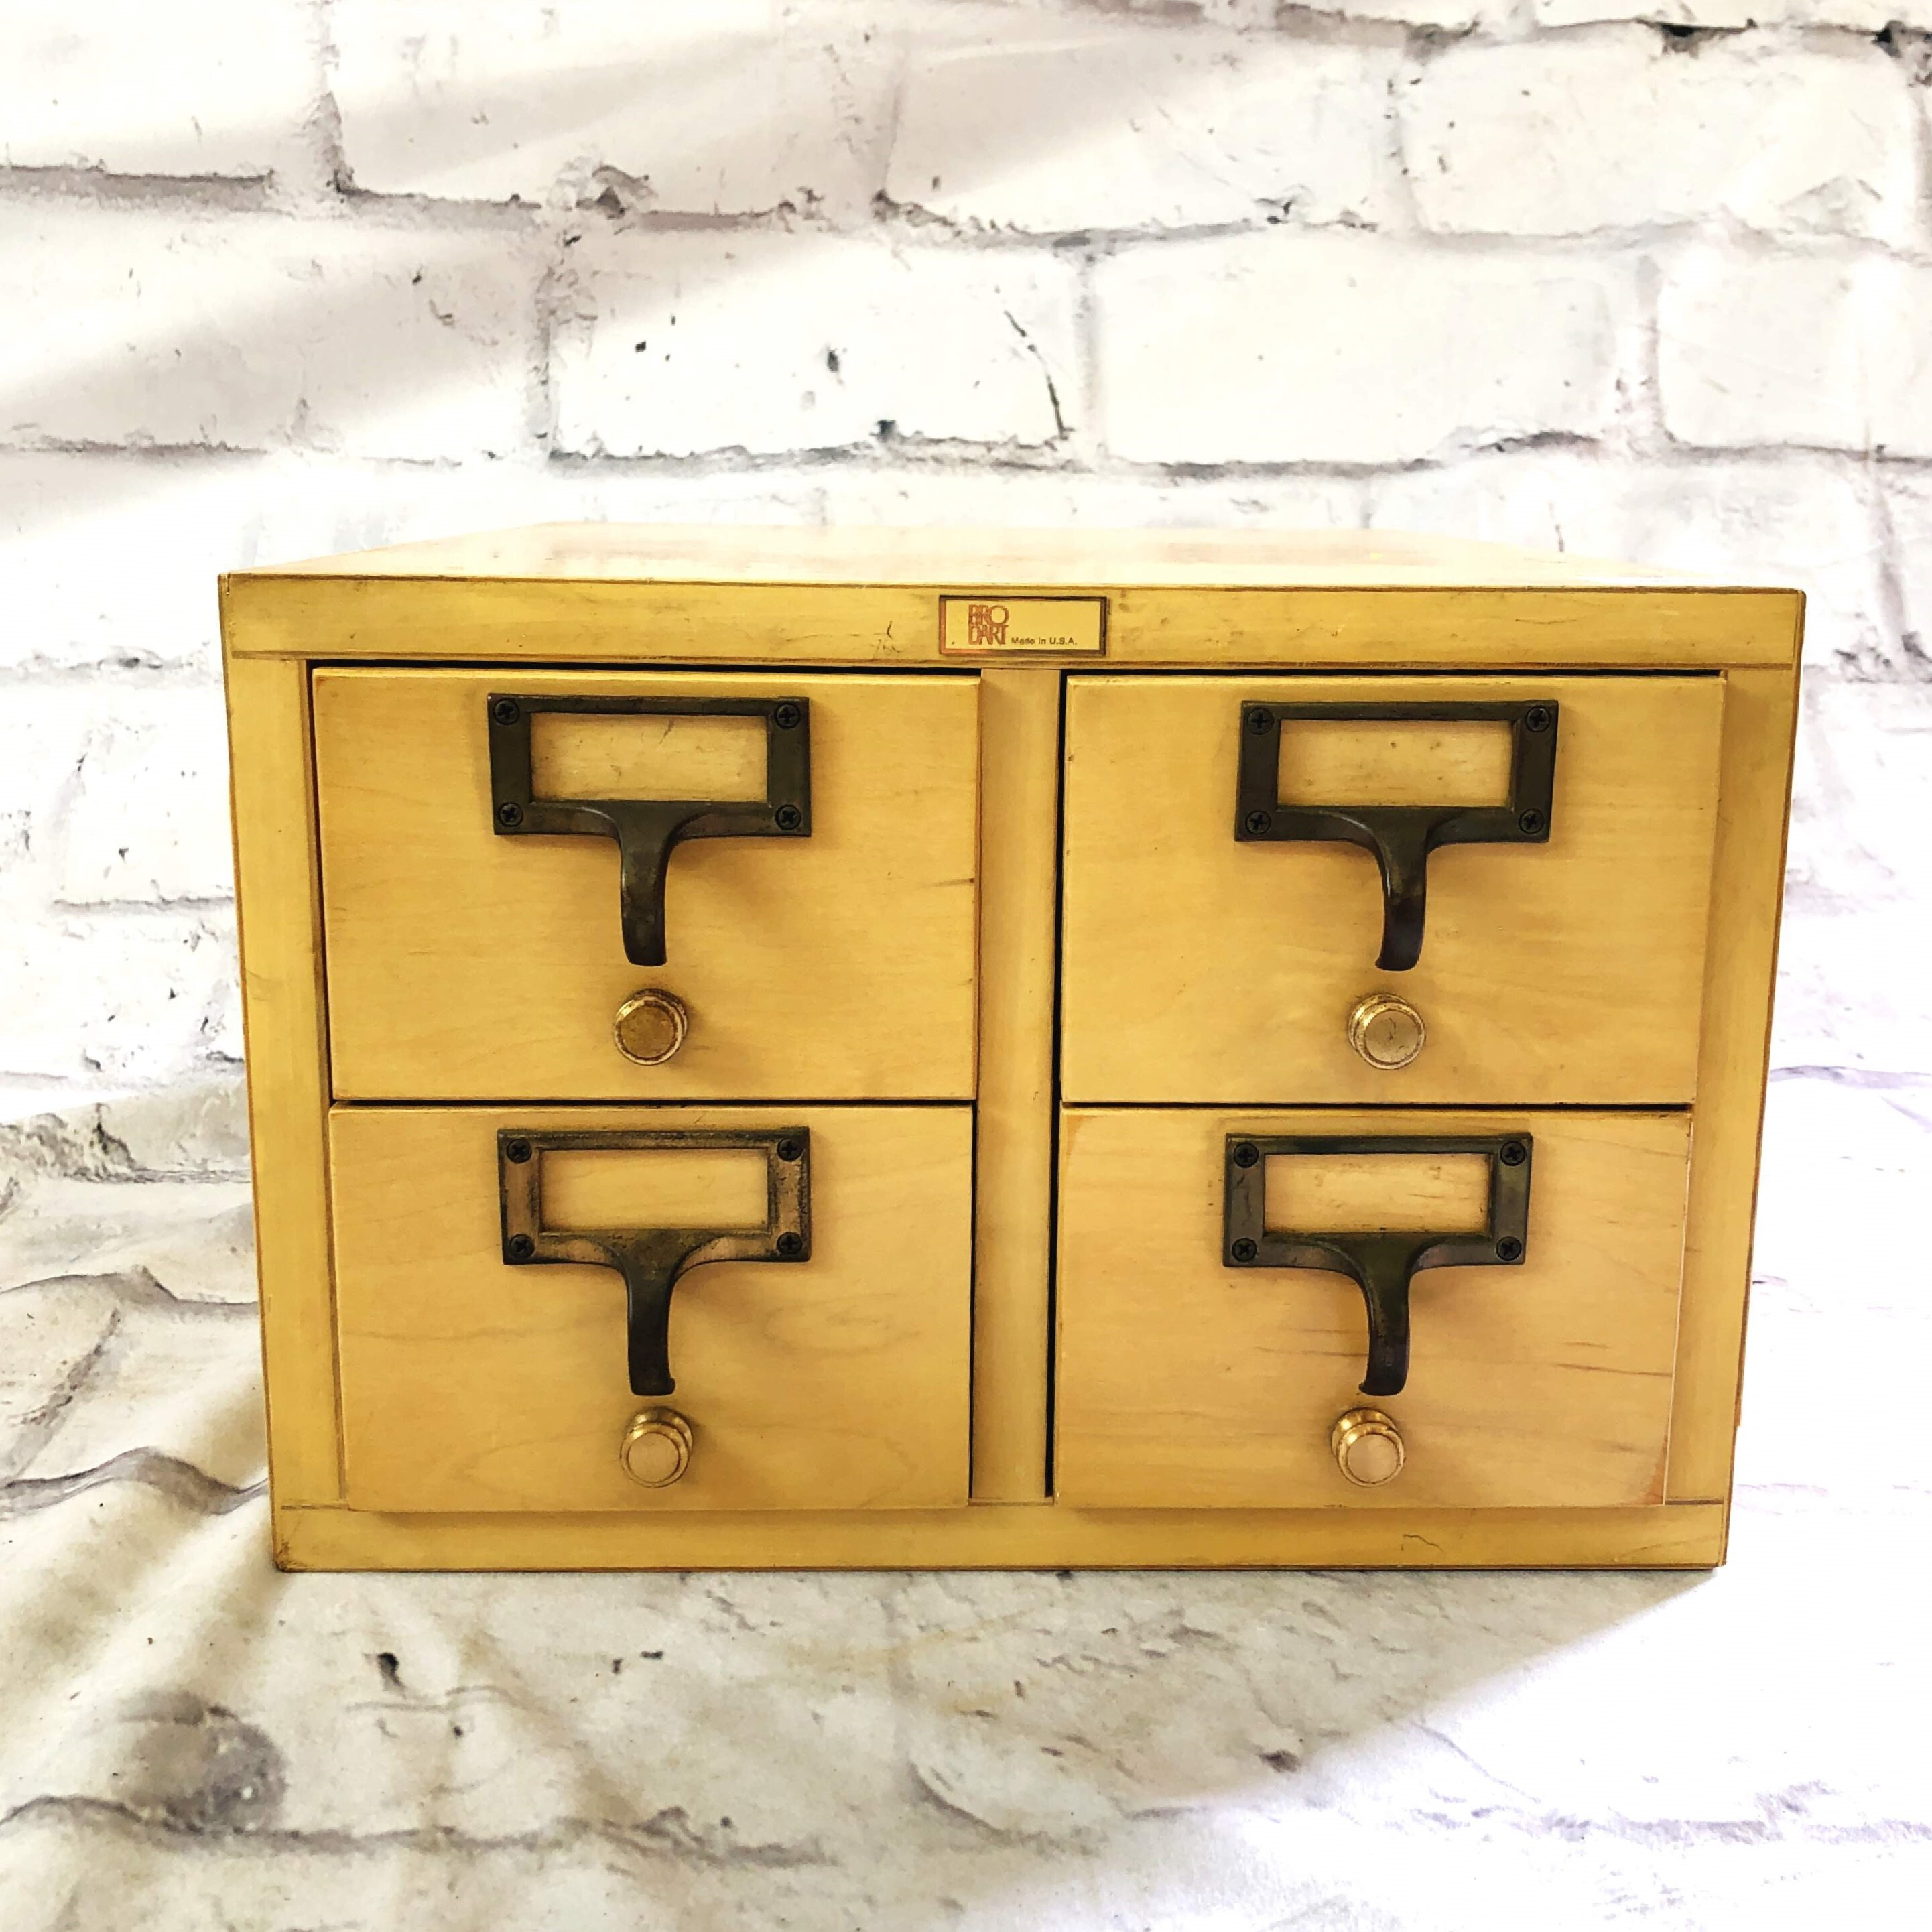 品番0990 BRODART 図書ケース ファイル キャビネット 引き出し 収納 棚 木製 インテリア 家具 アンティーク